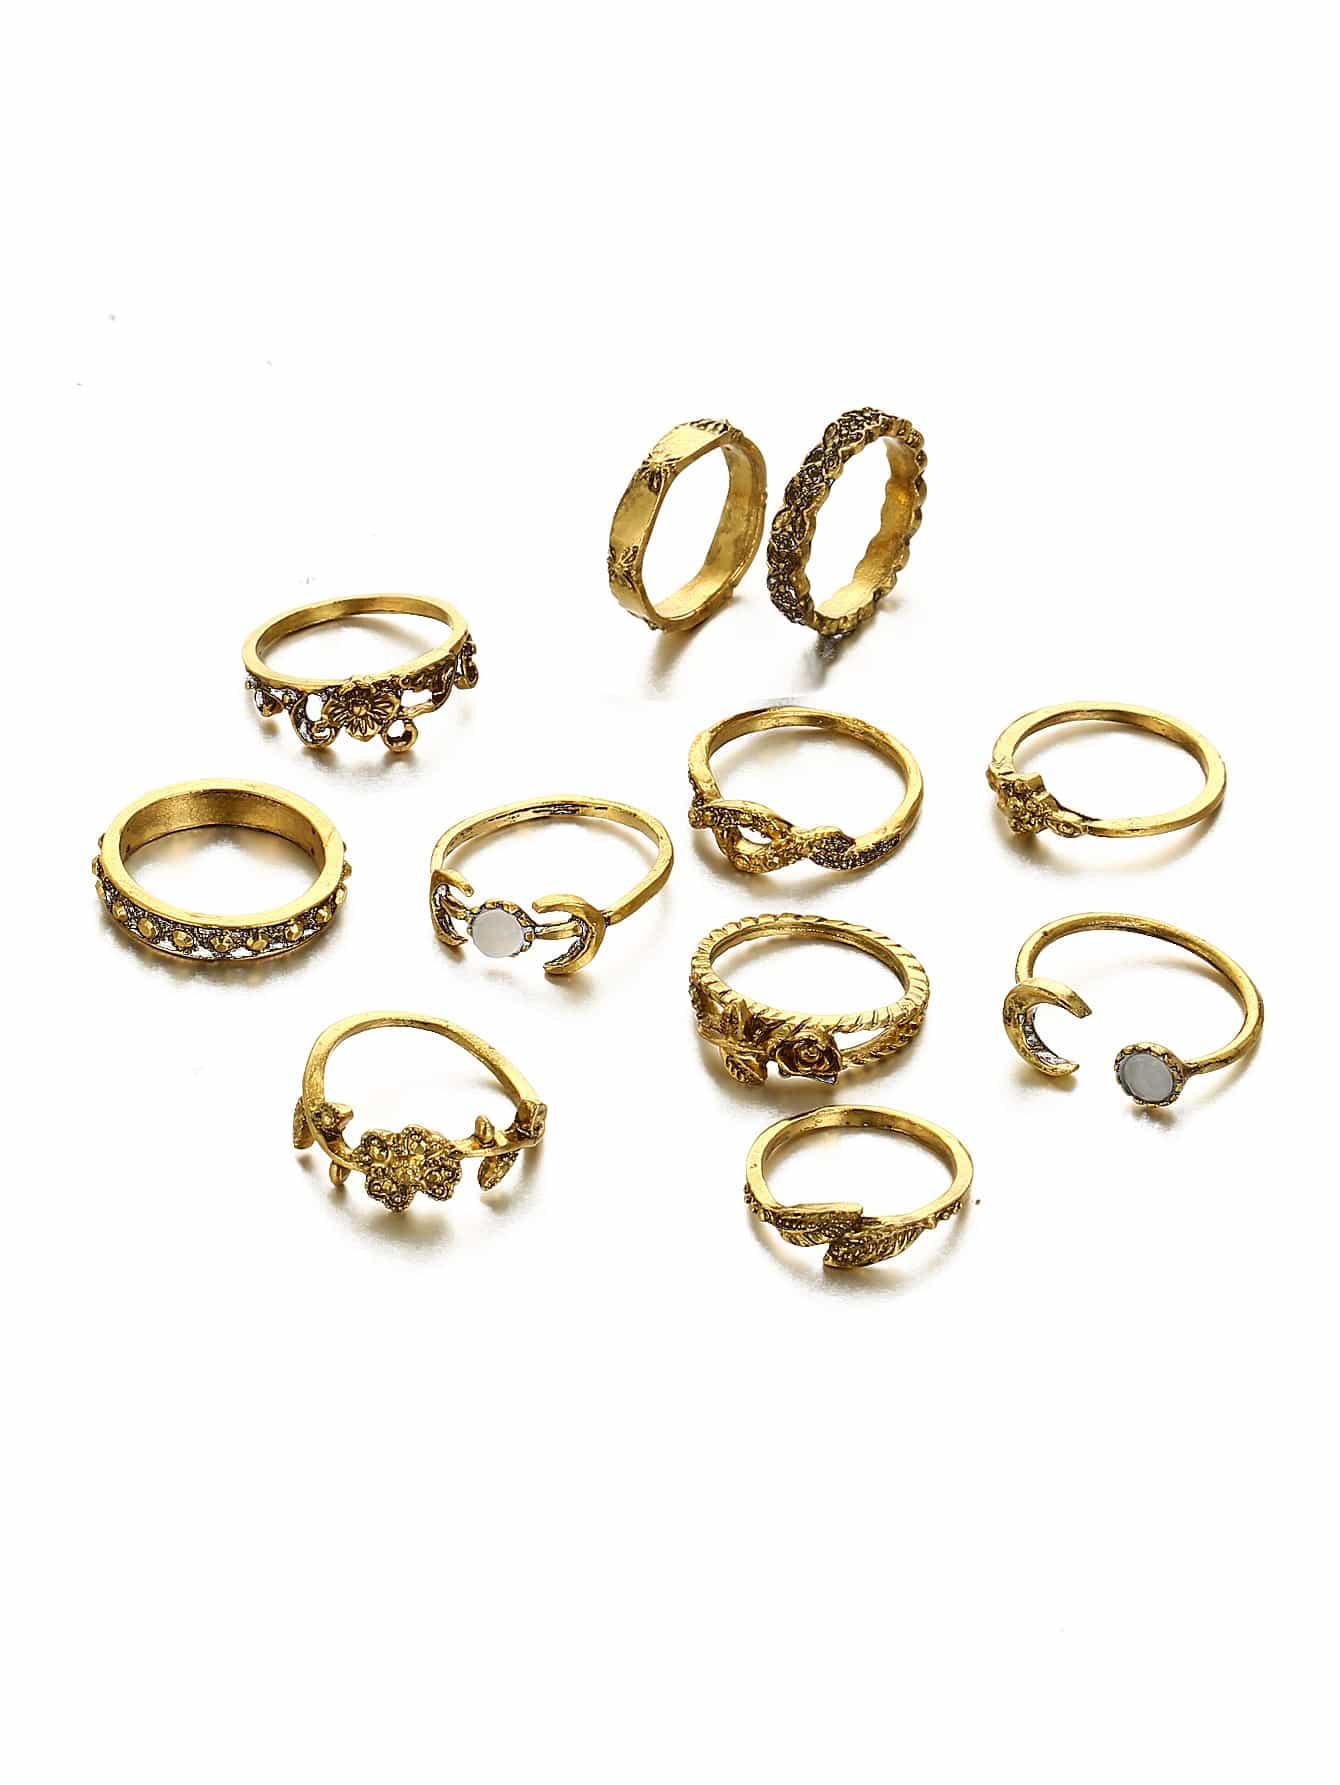 Ring Set 11pcs mit Strass Rose und Blatt Design